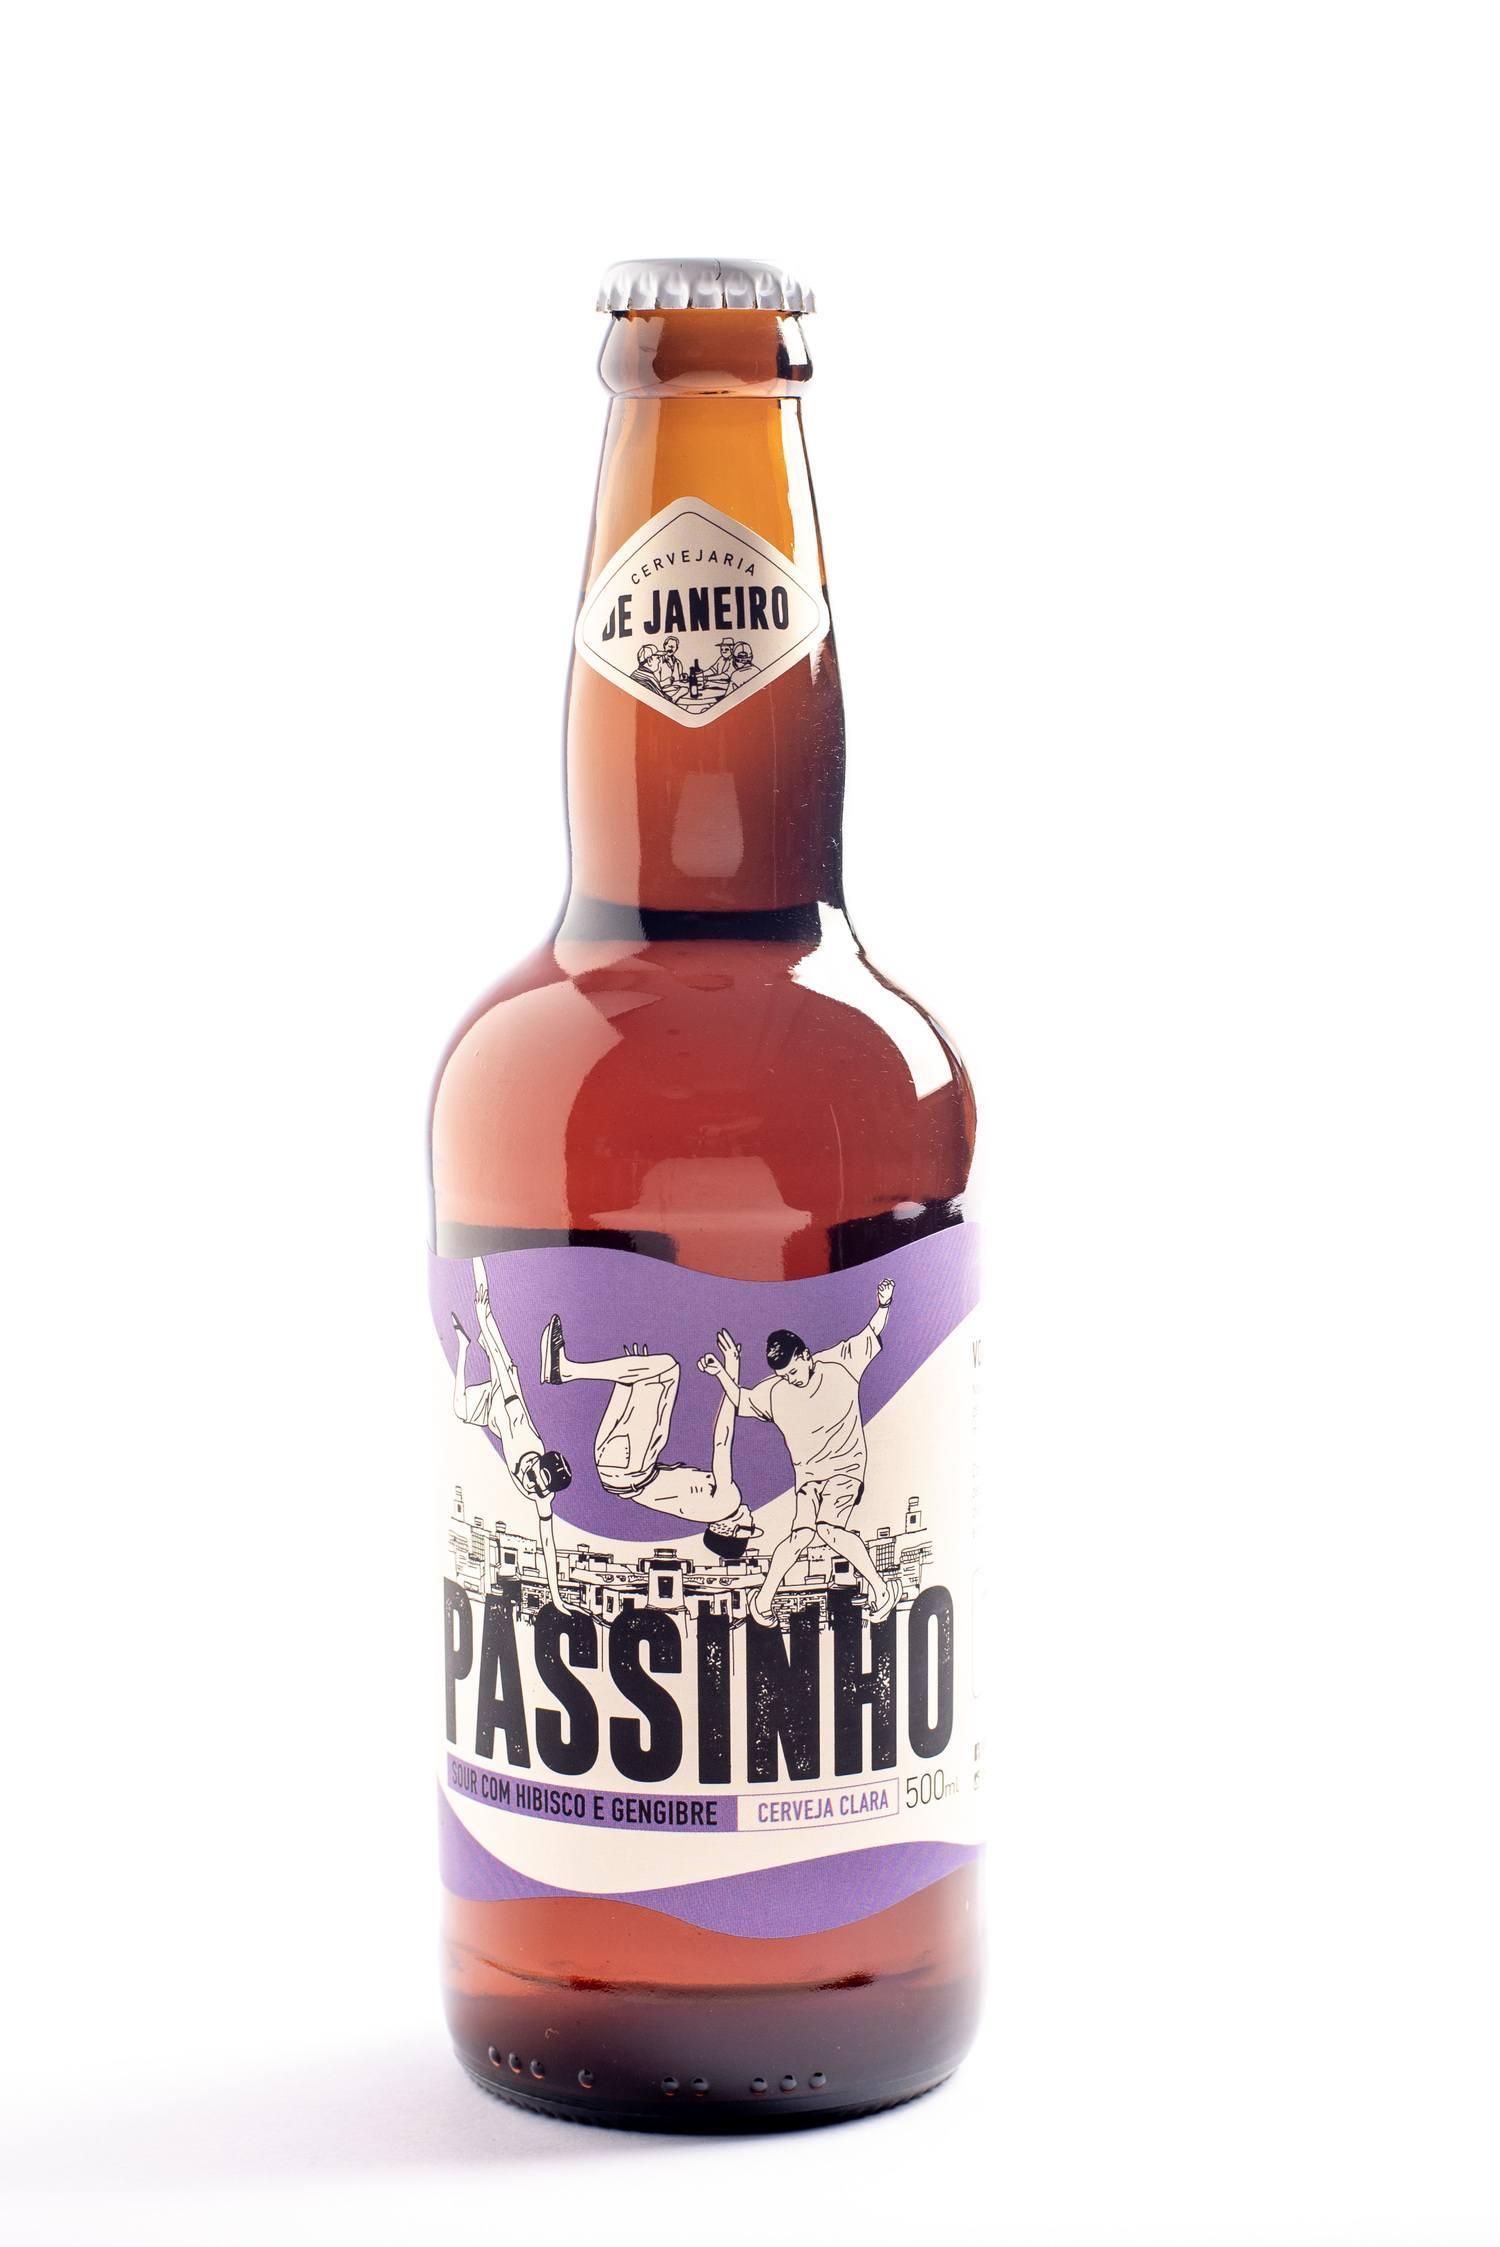 Passinho (Sour com Hibisco e Gengibre) - De Janeiro